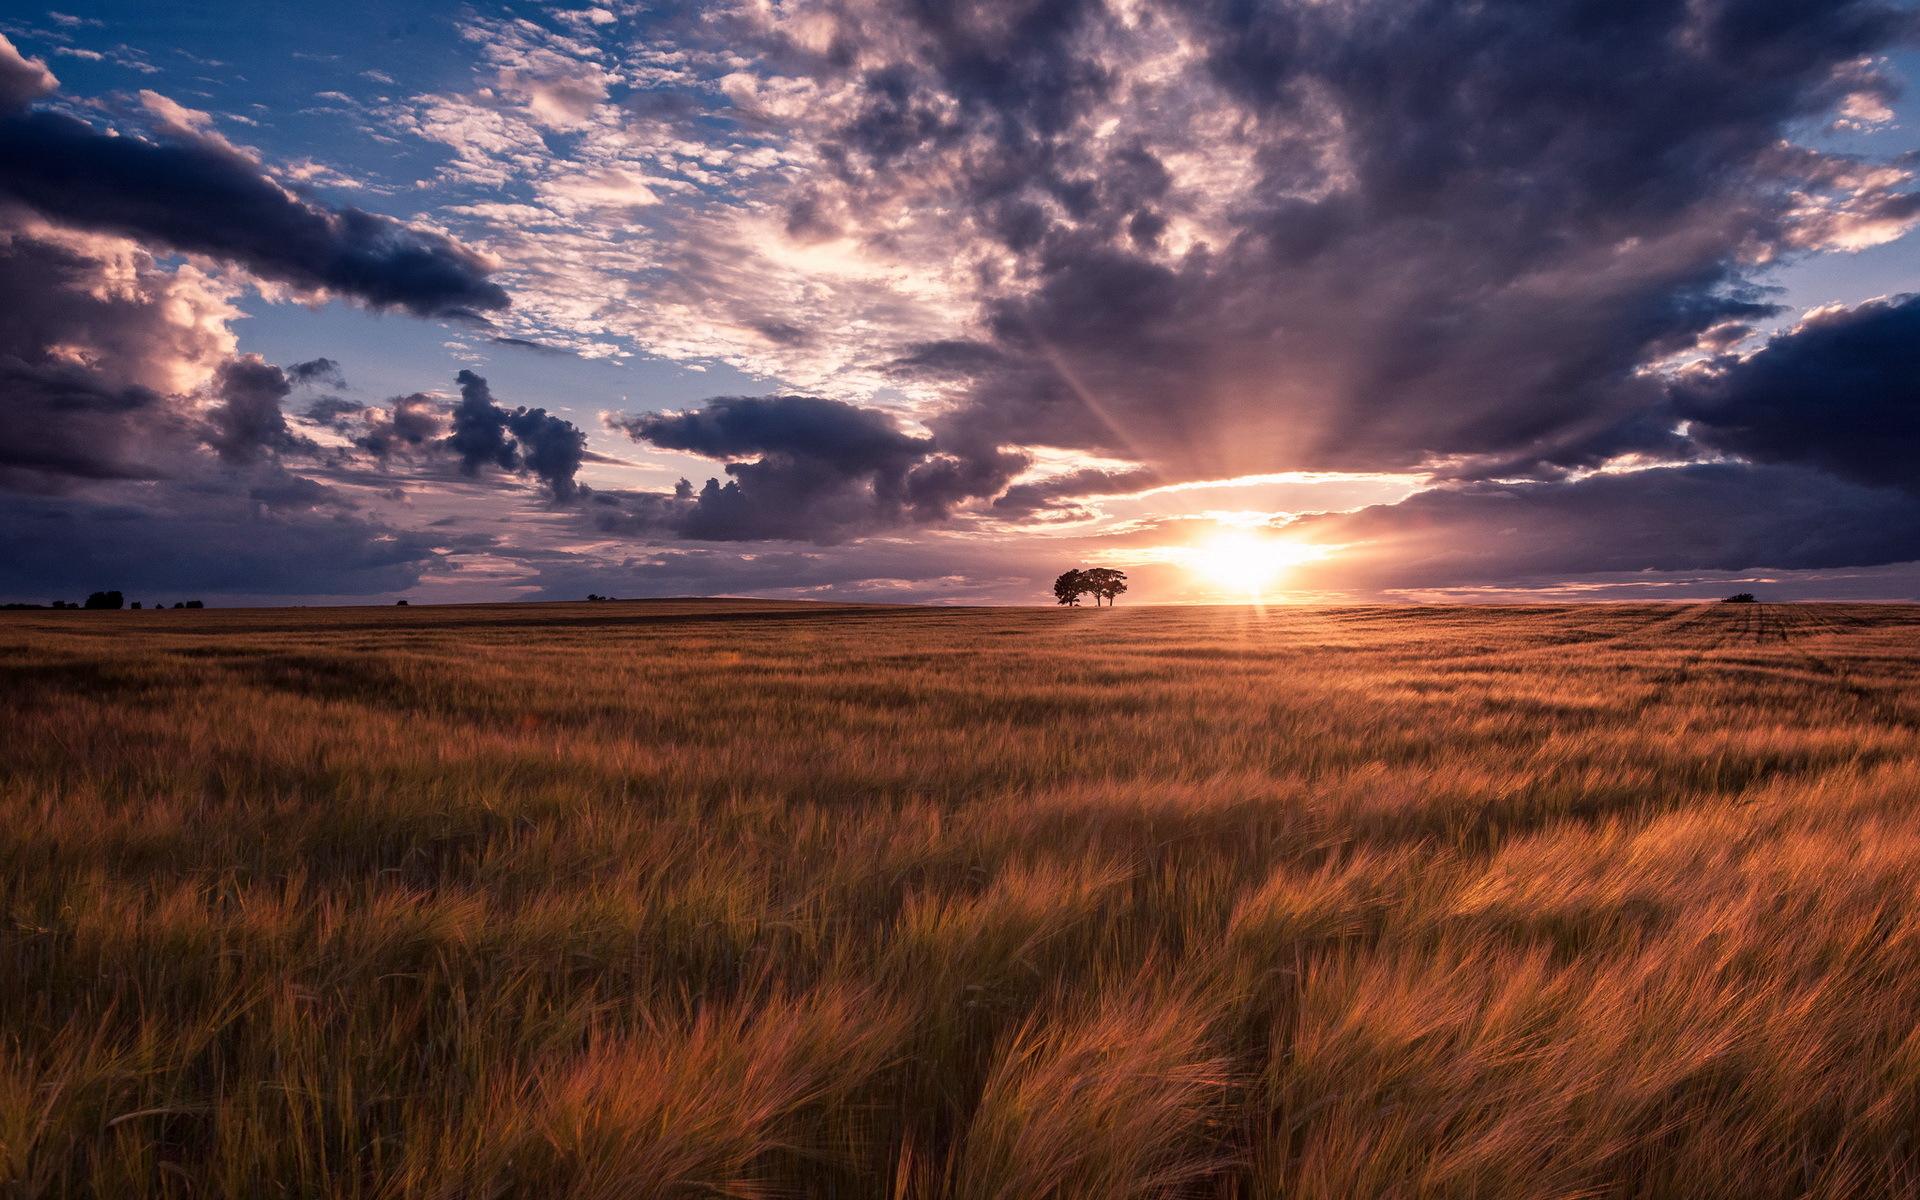 поле, трава, деревья